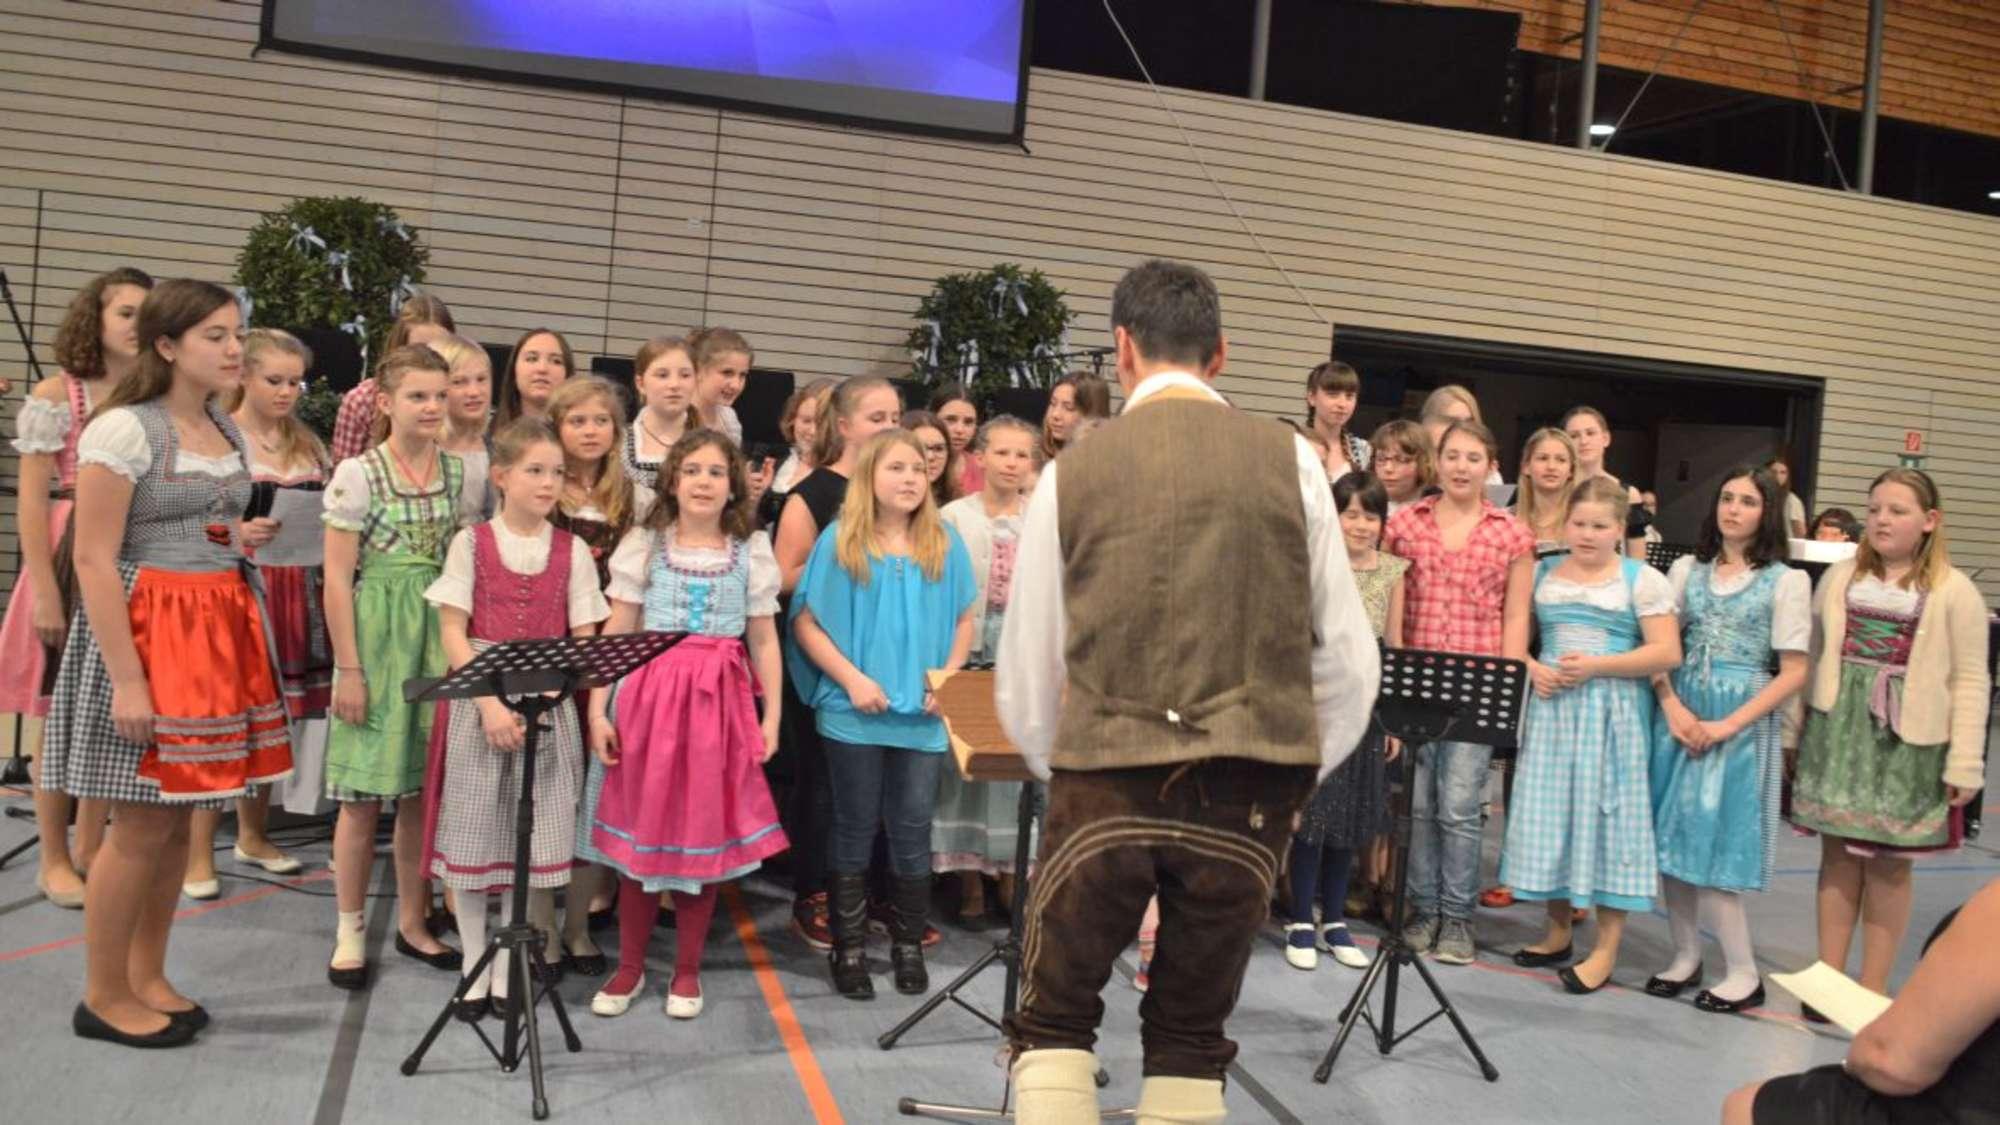 125 Jahre Mädchenrealschule Heilig Blut: Festakt, Jubiläum